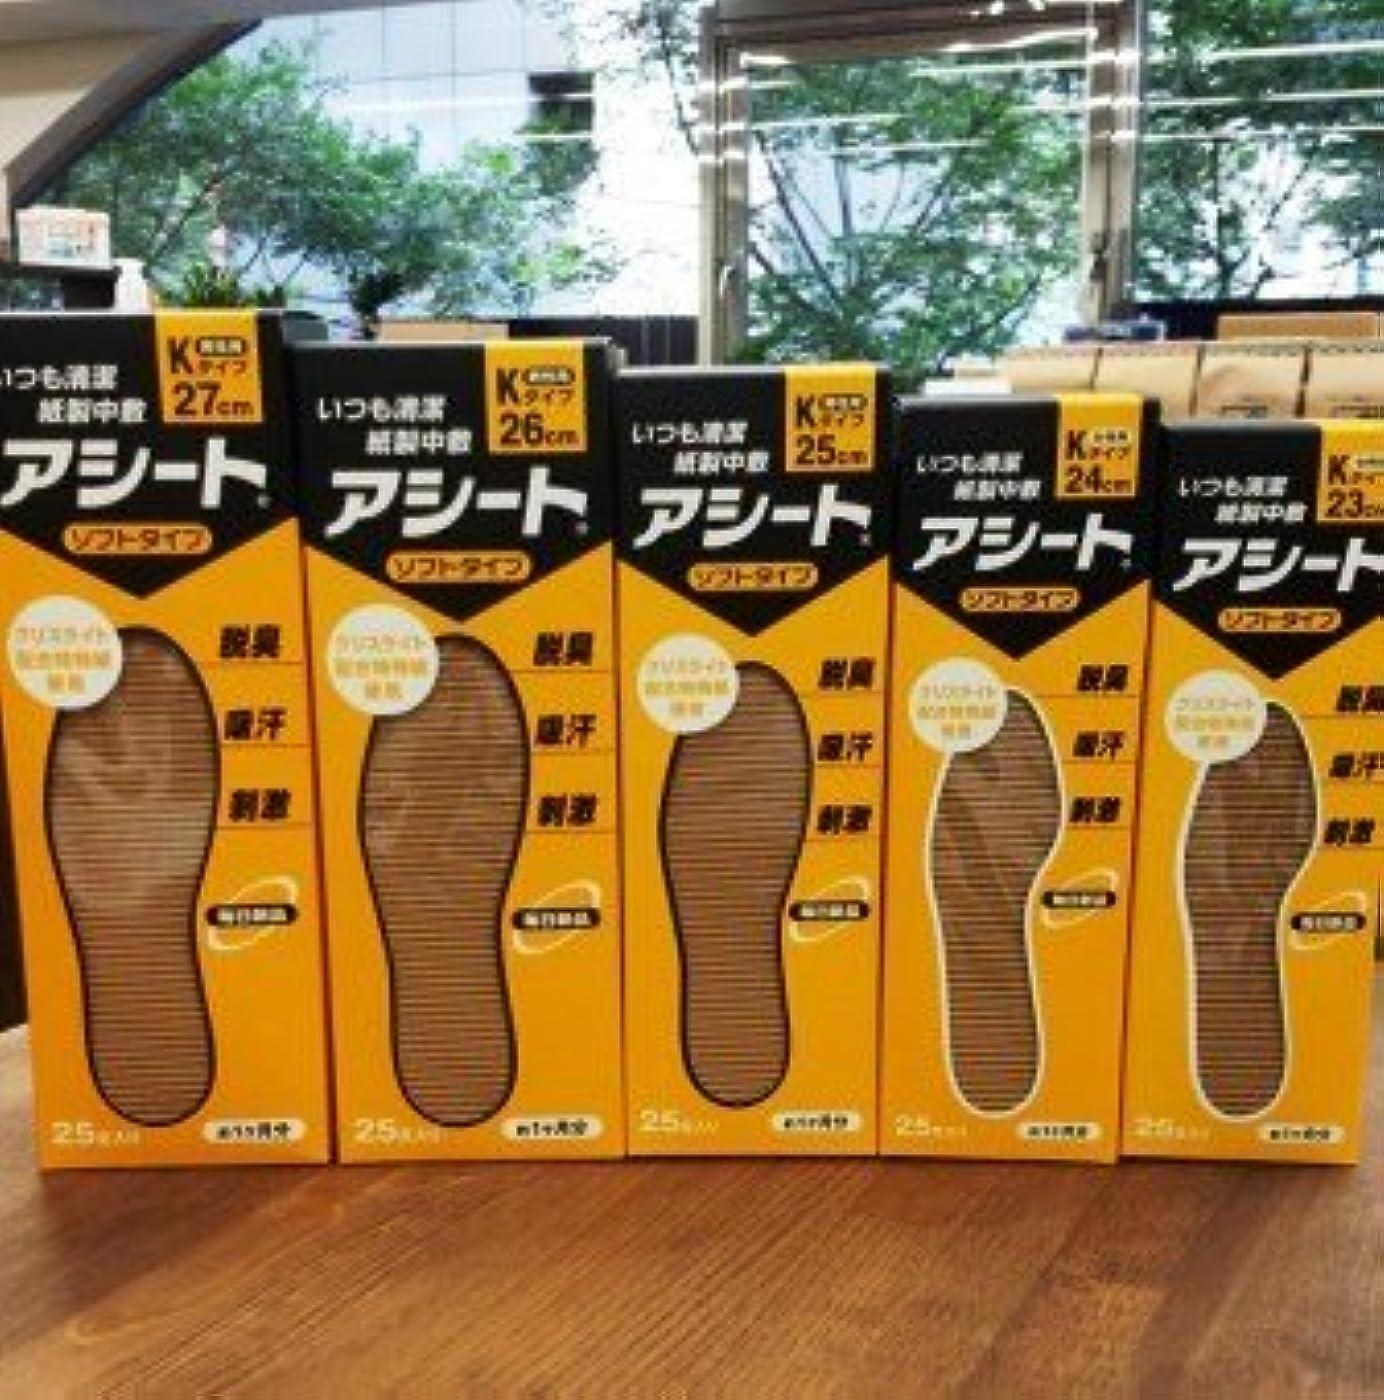 ペア衰える不誠実アシートK(サイズ24cm)×5箱セット(15足増量中)